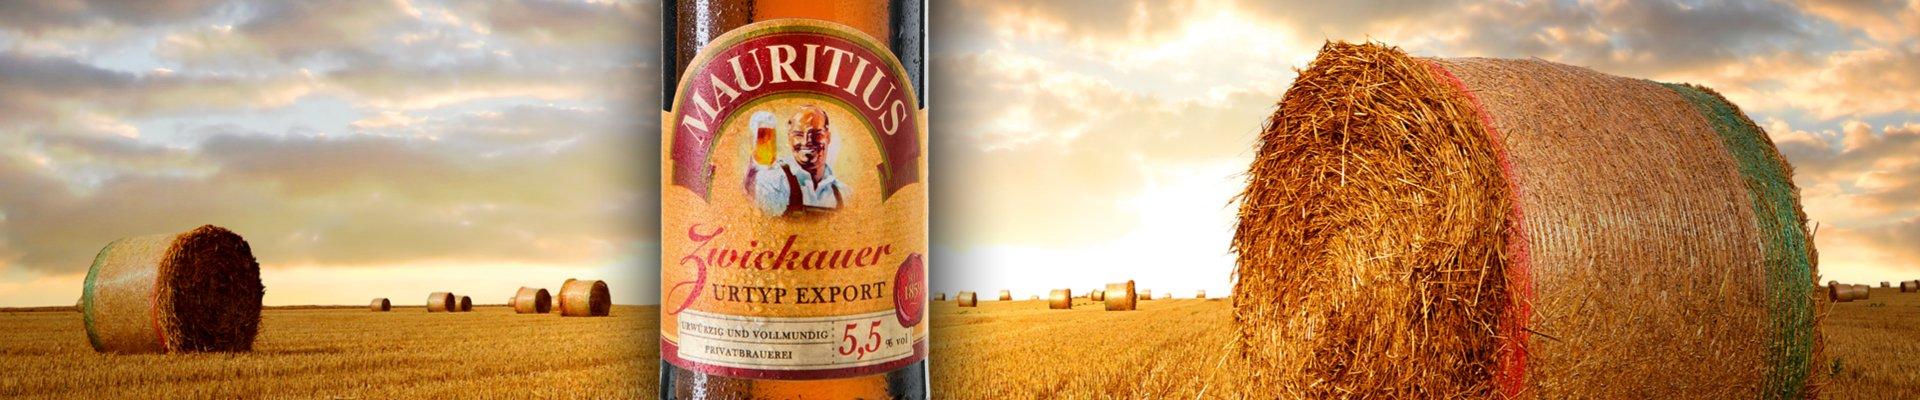 Mauritius: Beers: Urtyp Export